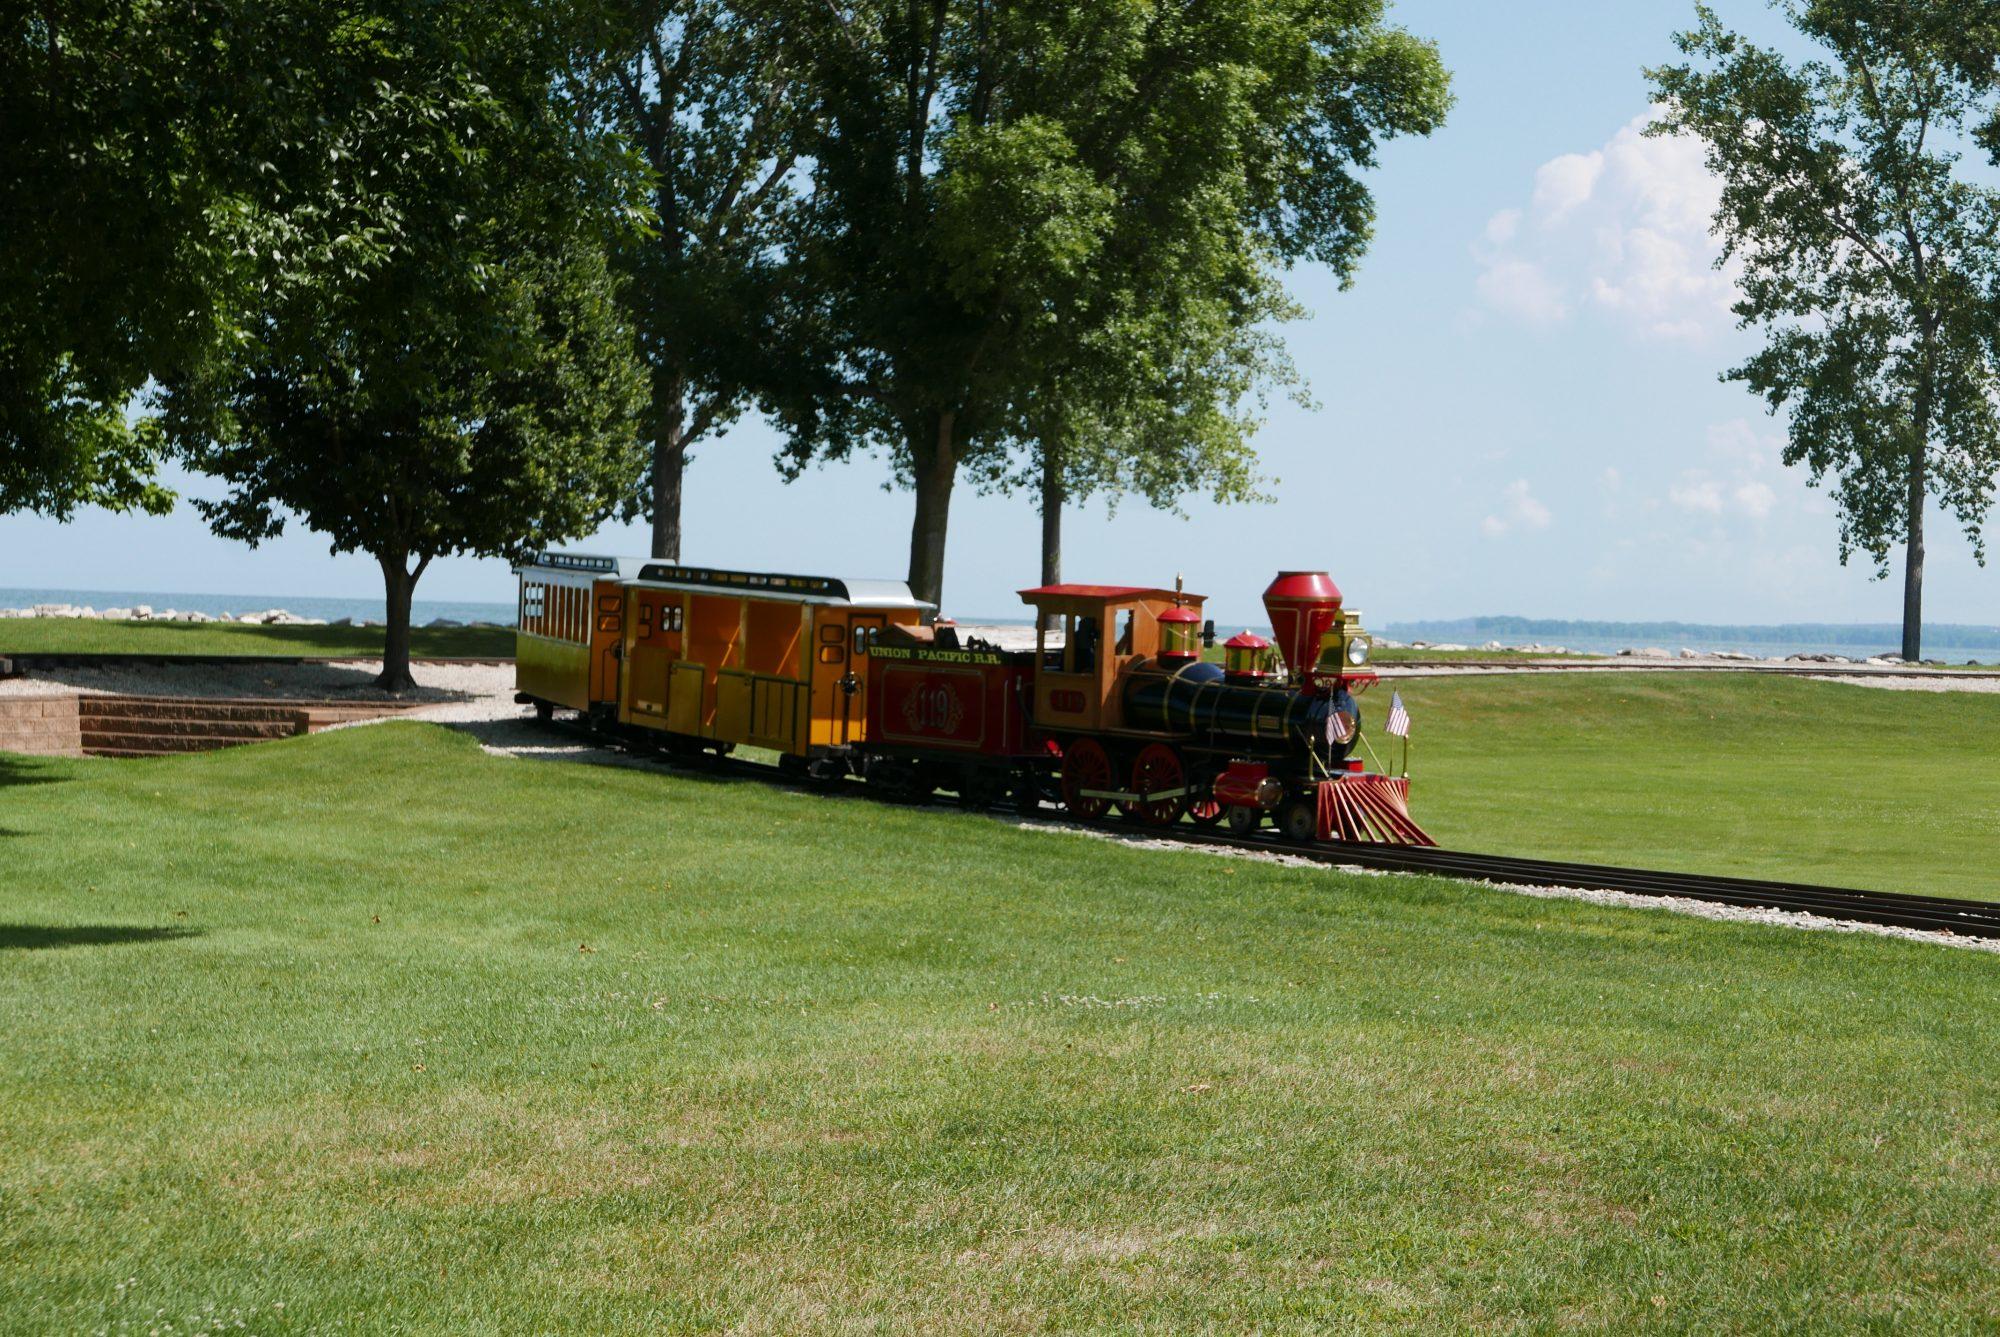 Bay Beach Train